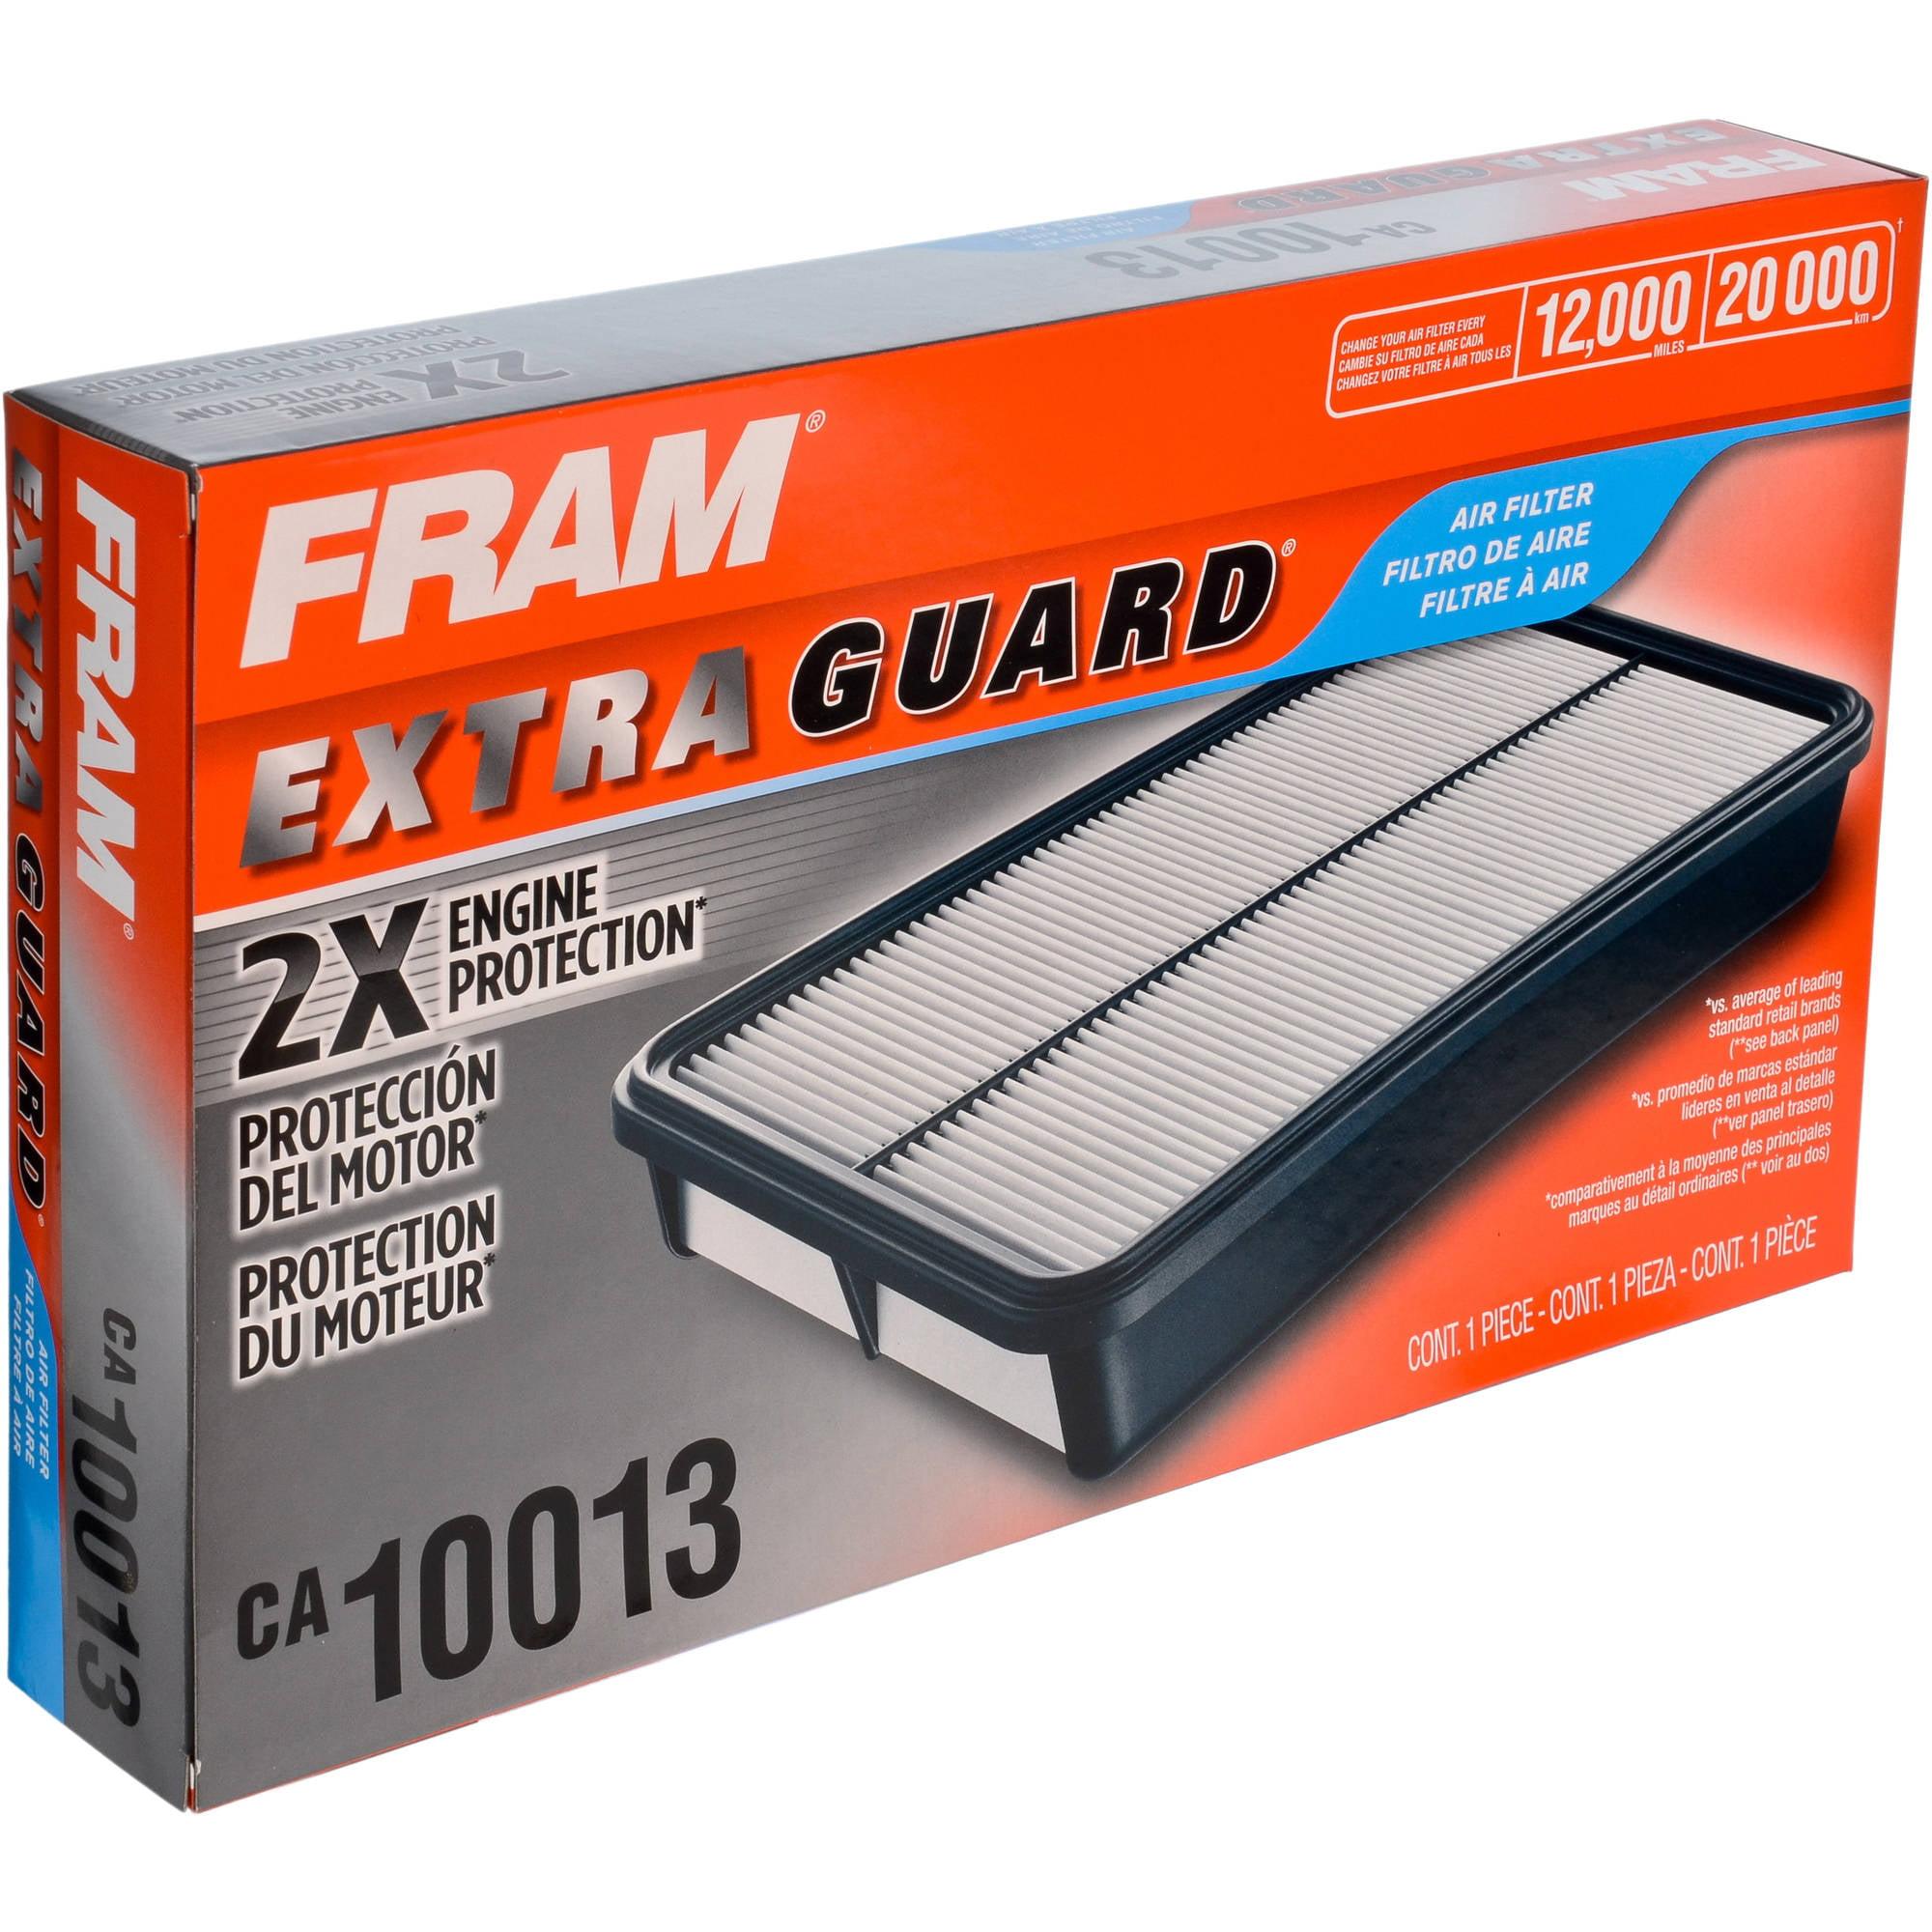 FRAM Extra Guard Air Filter, CA10013 by FRAM